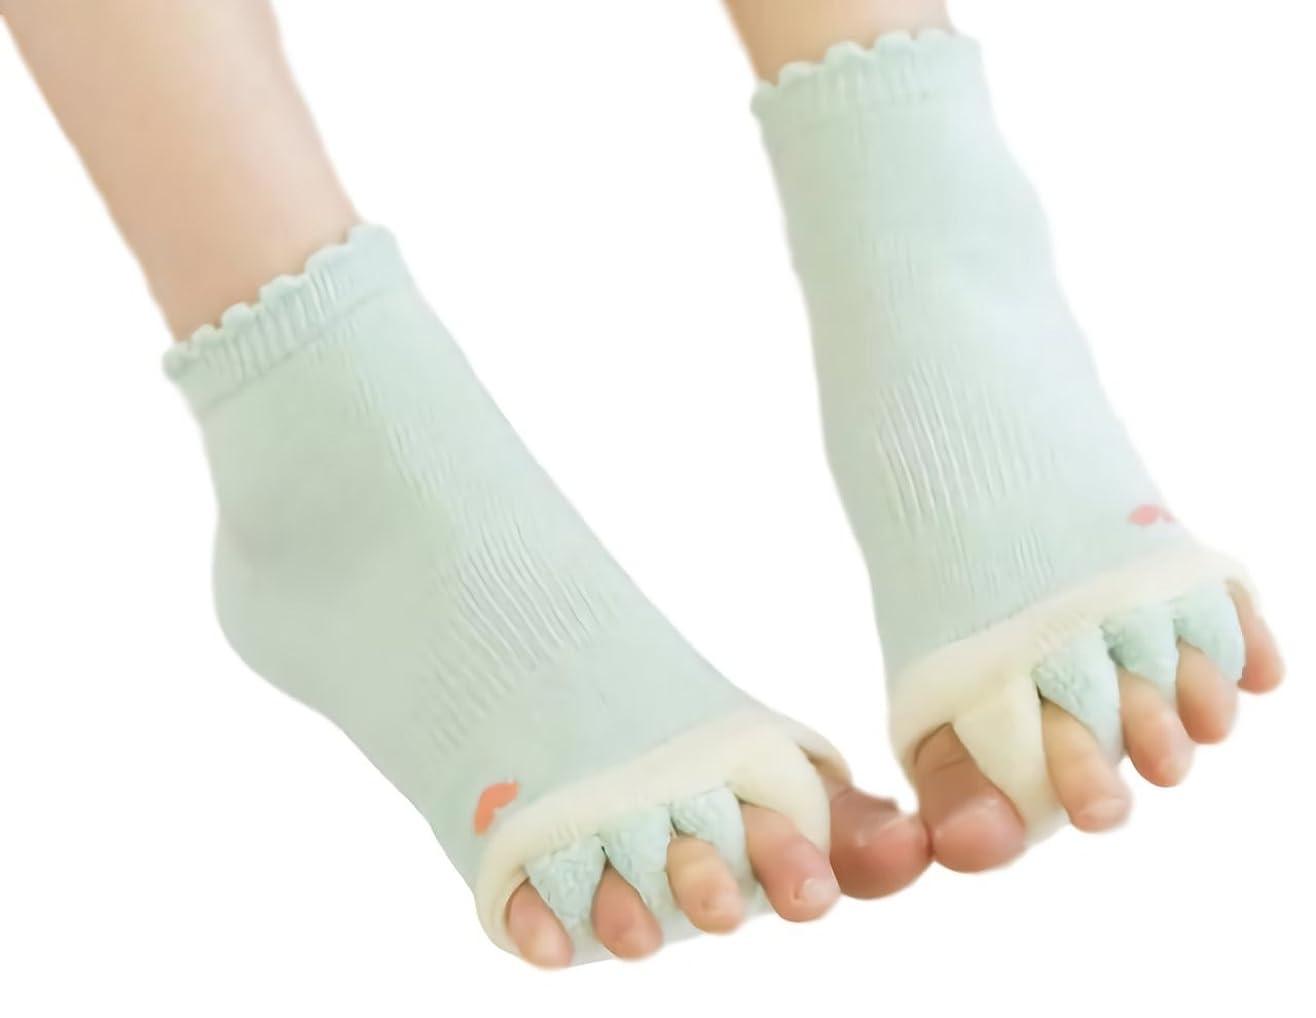 相関する液化するピュー[ウレギッシュ] ソックス 足指全開 5本指 ストレス 解消 くつろぎ ルームソックス